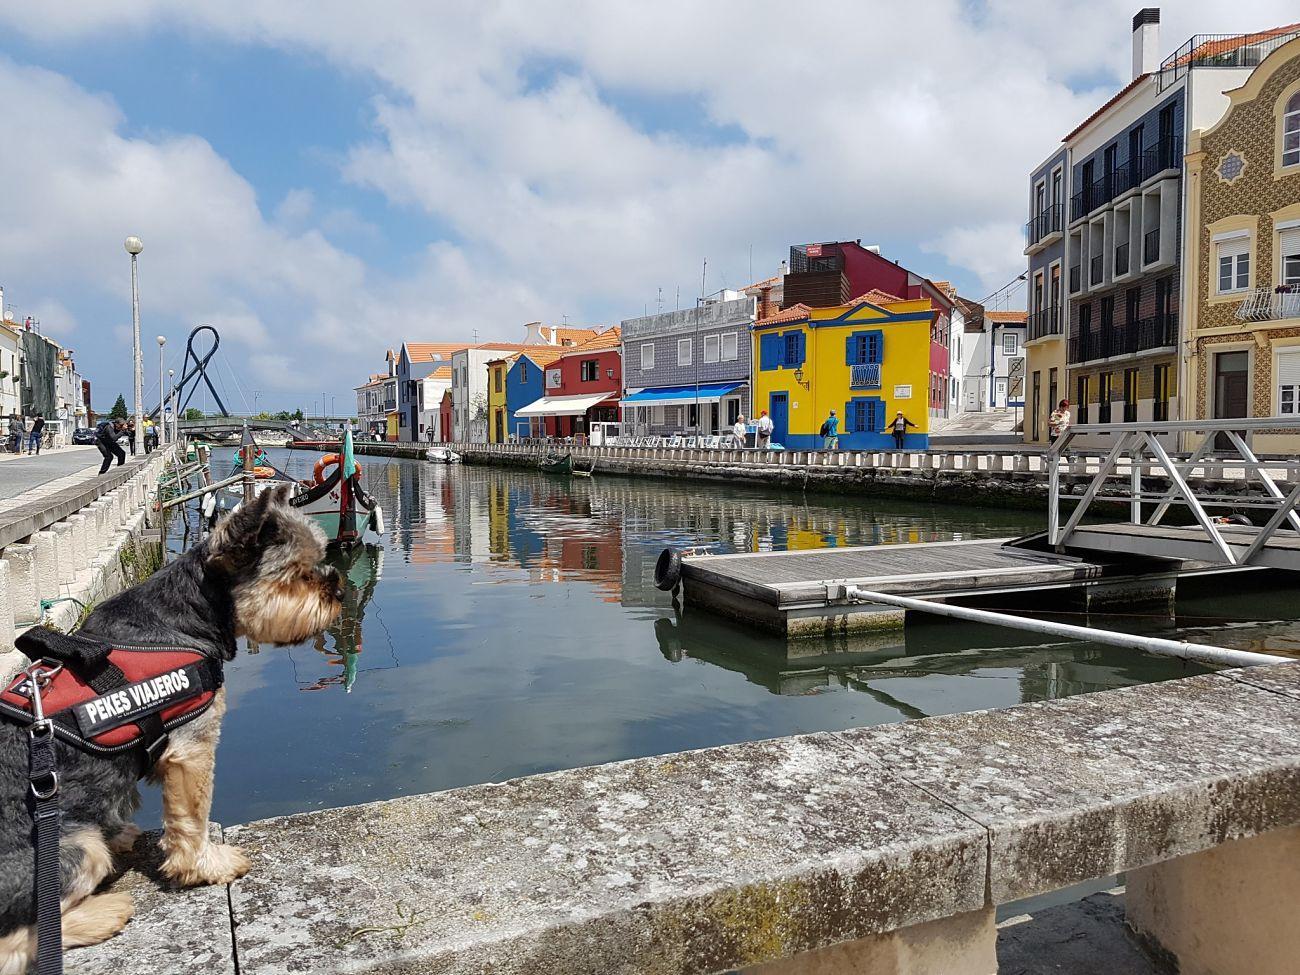 canales Aveiro Pekesviajeros